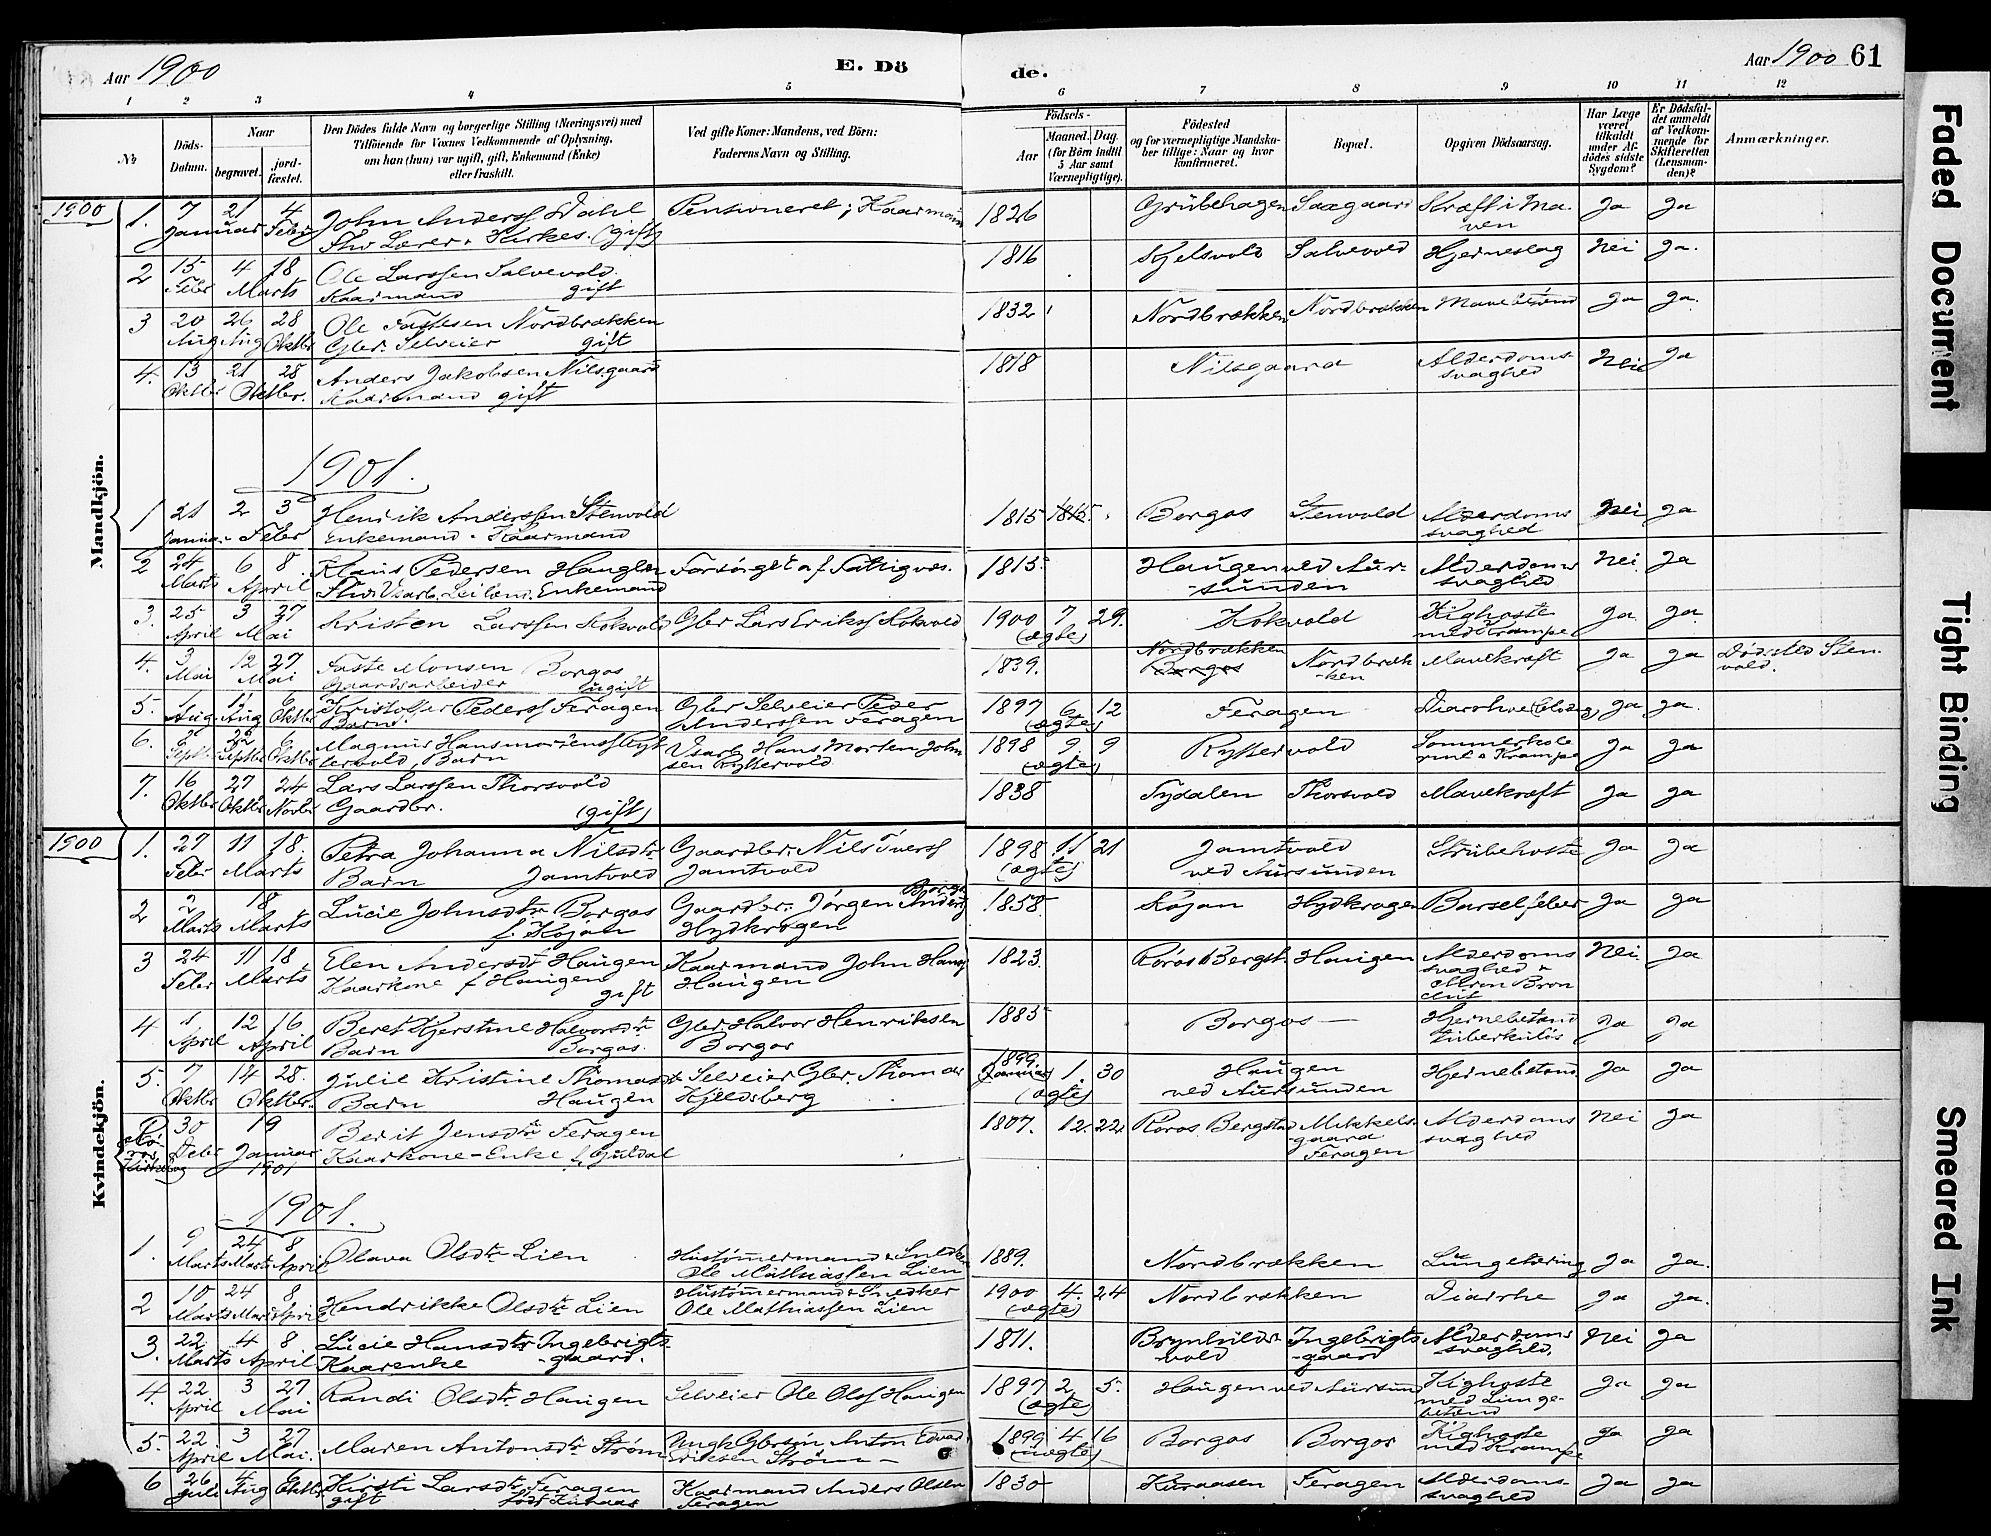 SAT, Ministerialprotokoller, klokkerbøker og fødselsregistre - Sør-Trøndelag, 683/L0948: Ministerialbok nr. 683A01, 1891-1902, s. 61